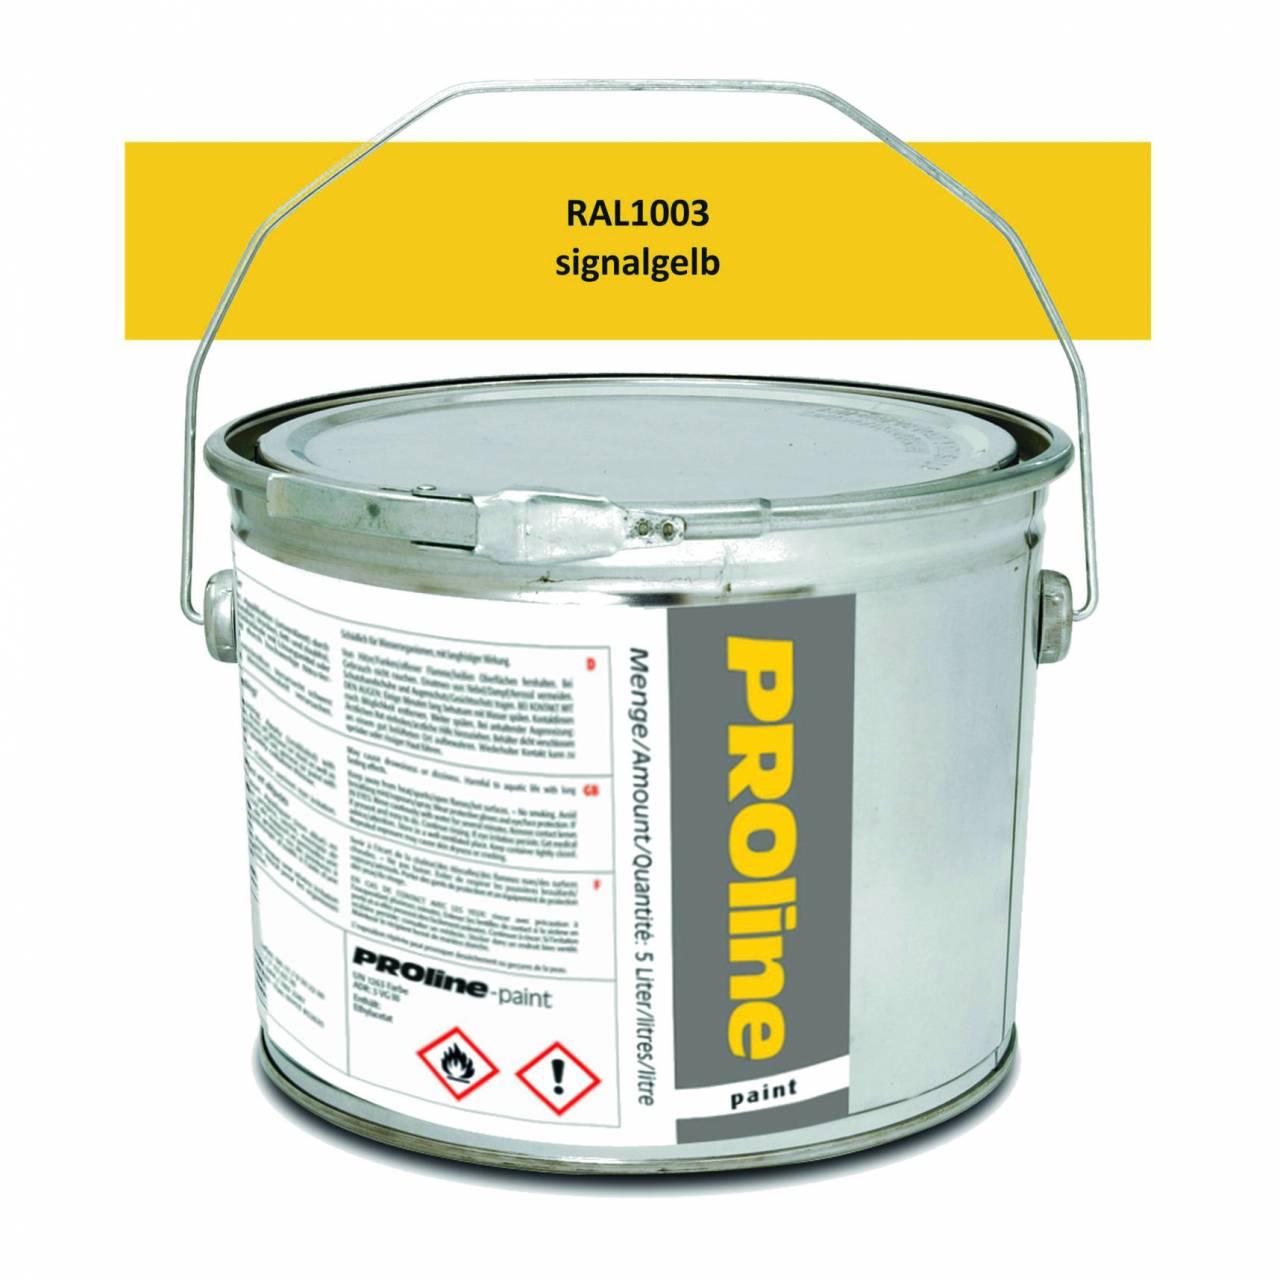 Hallen-Markierfarbe 'PROline-paint' GELB / Eimer a 5,0 Liter